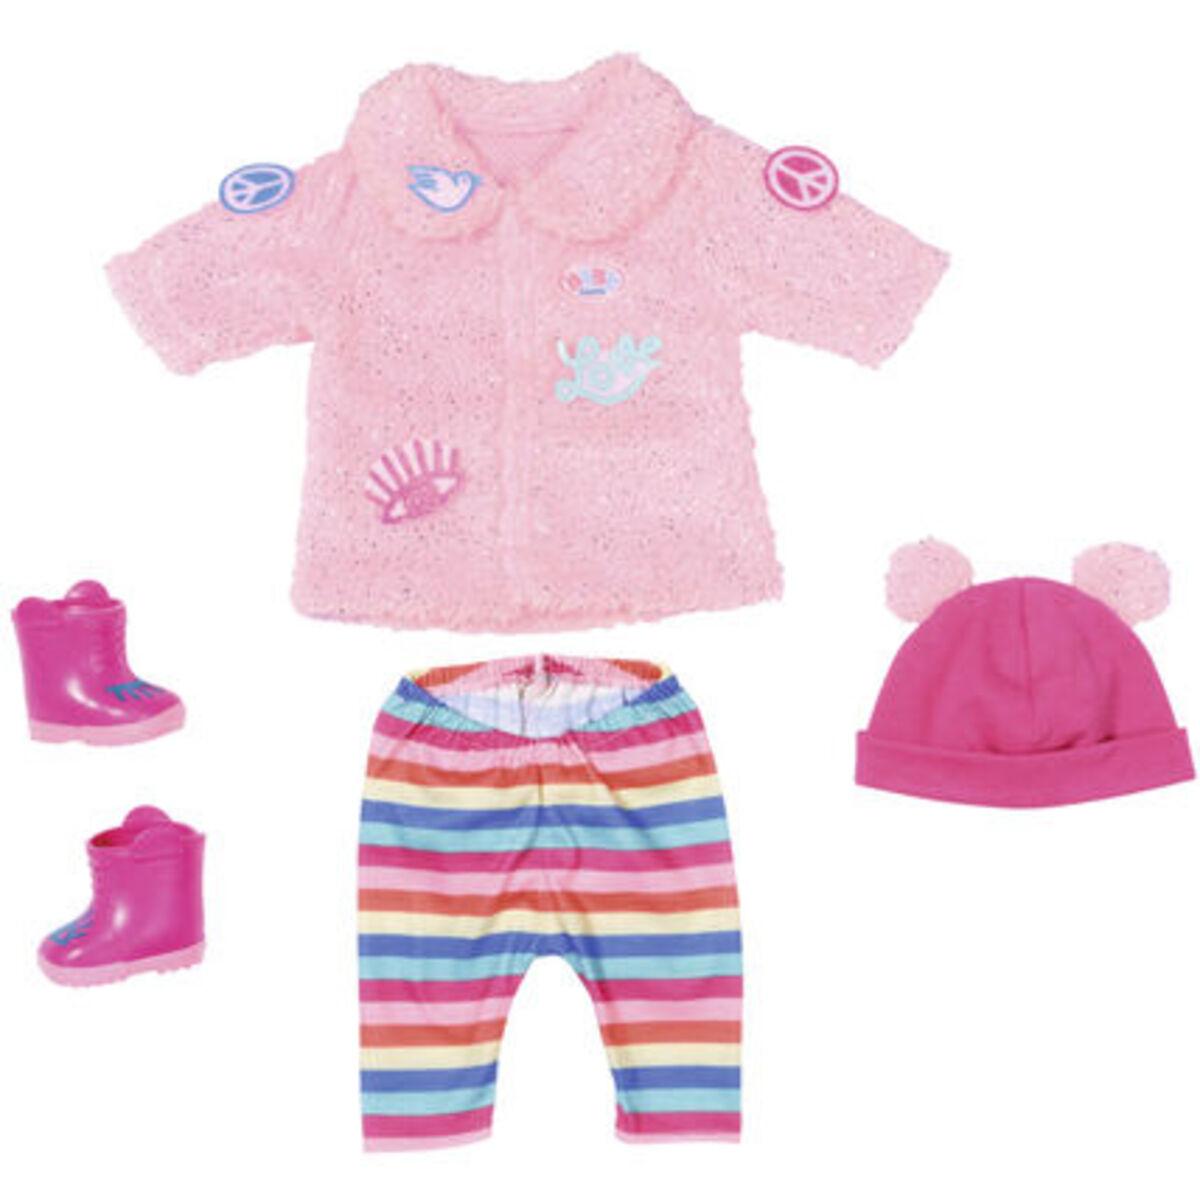 Bild 1 von Zapf Creation® BABY born® Trend Glitzer Mantel, 43cm